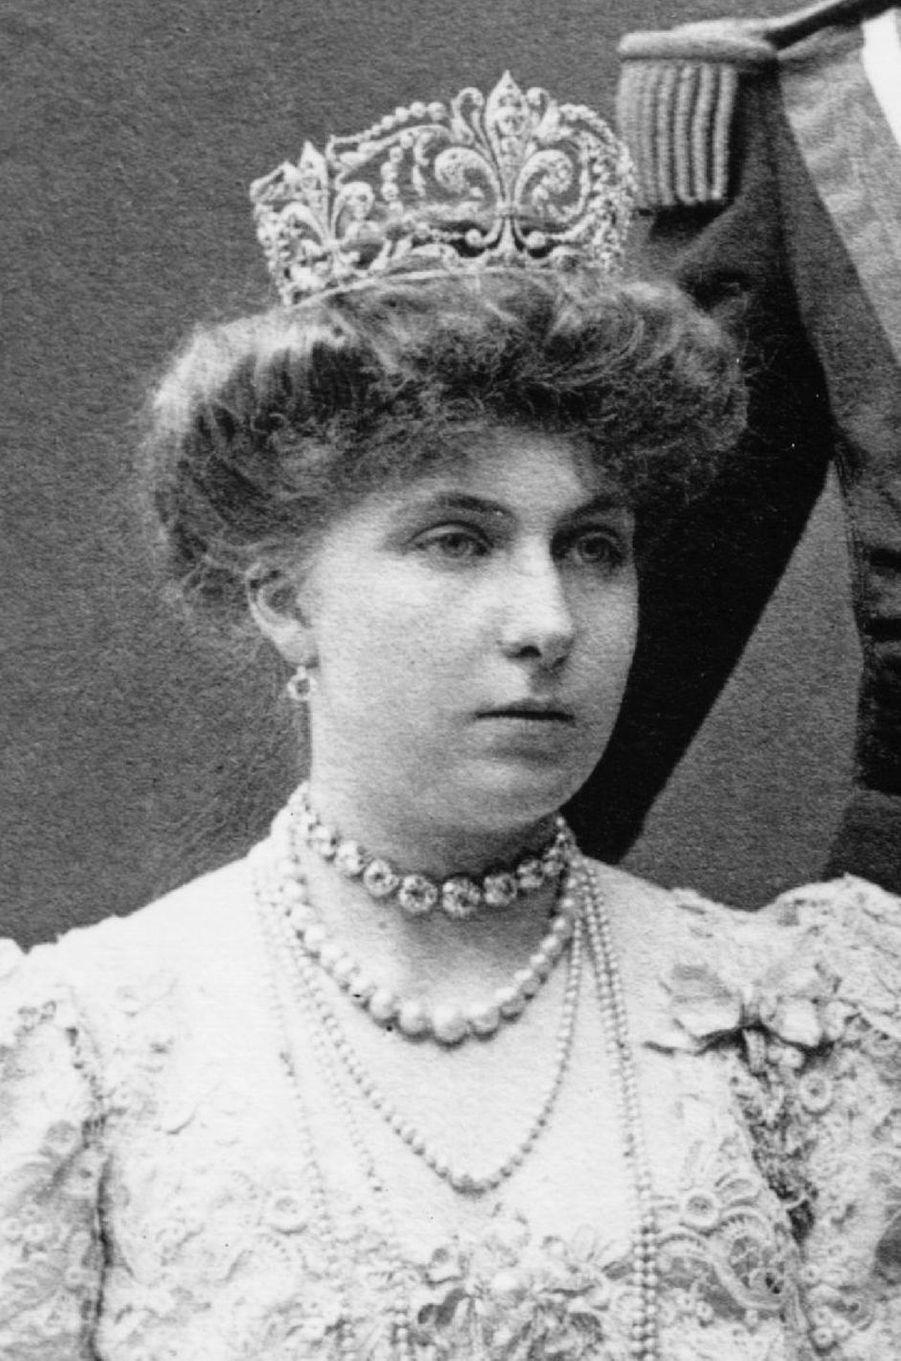 """La reine Victoria-Eugenie d'Espagne coiffée du diadème """"fleur de lys"""" dans sa version d'origine"""